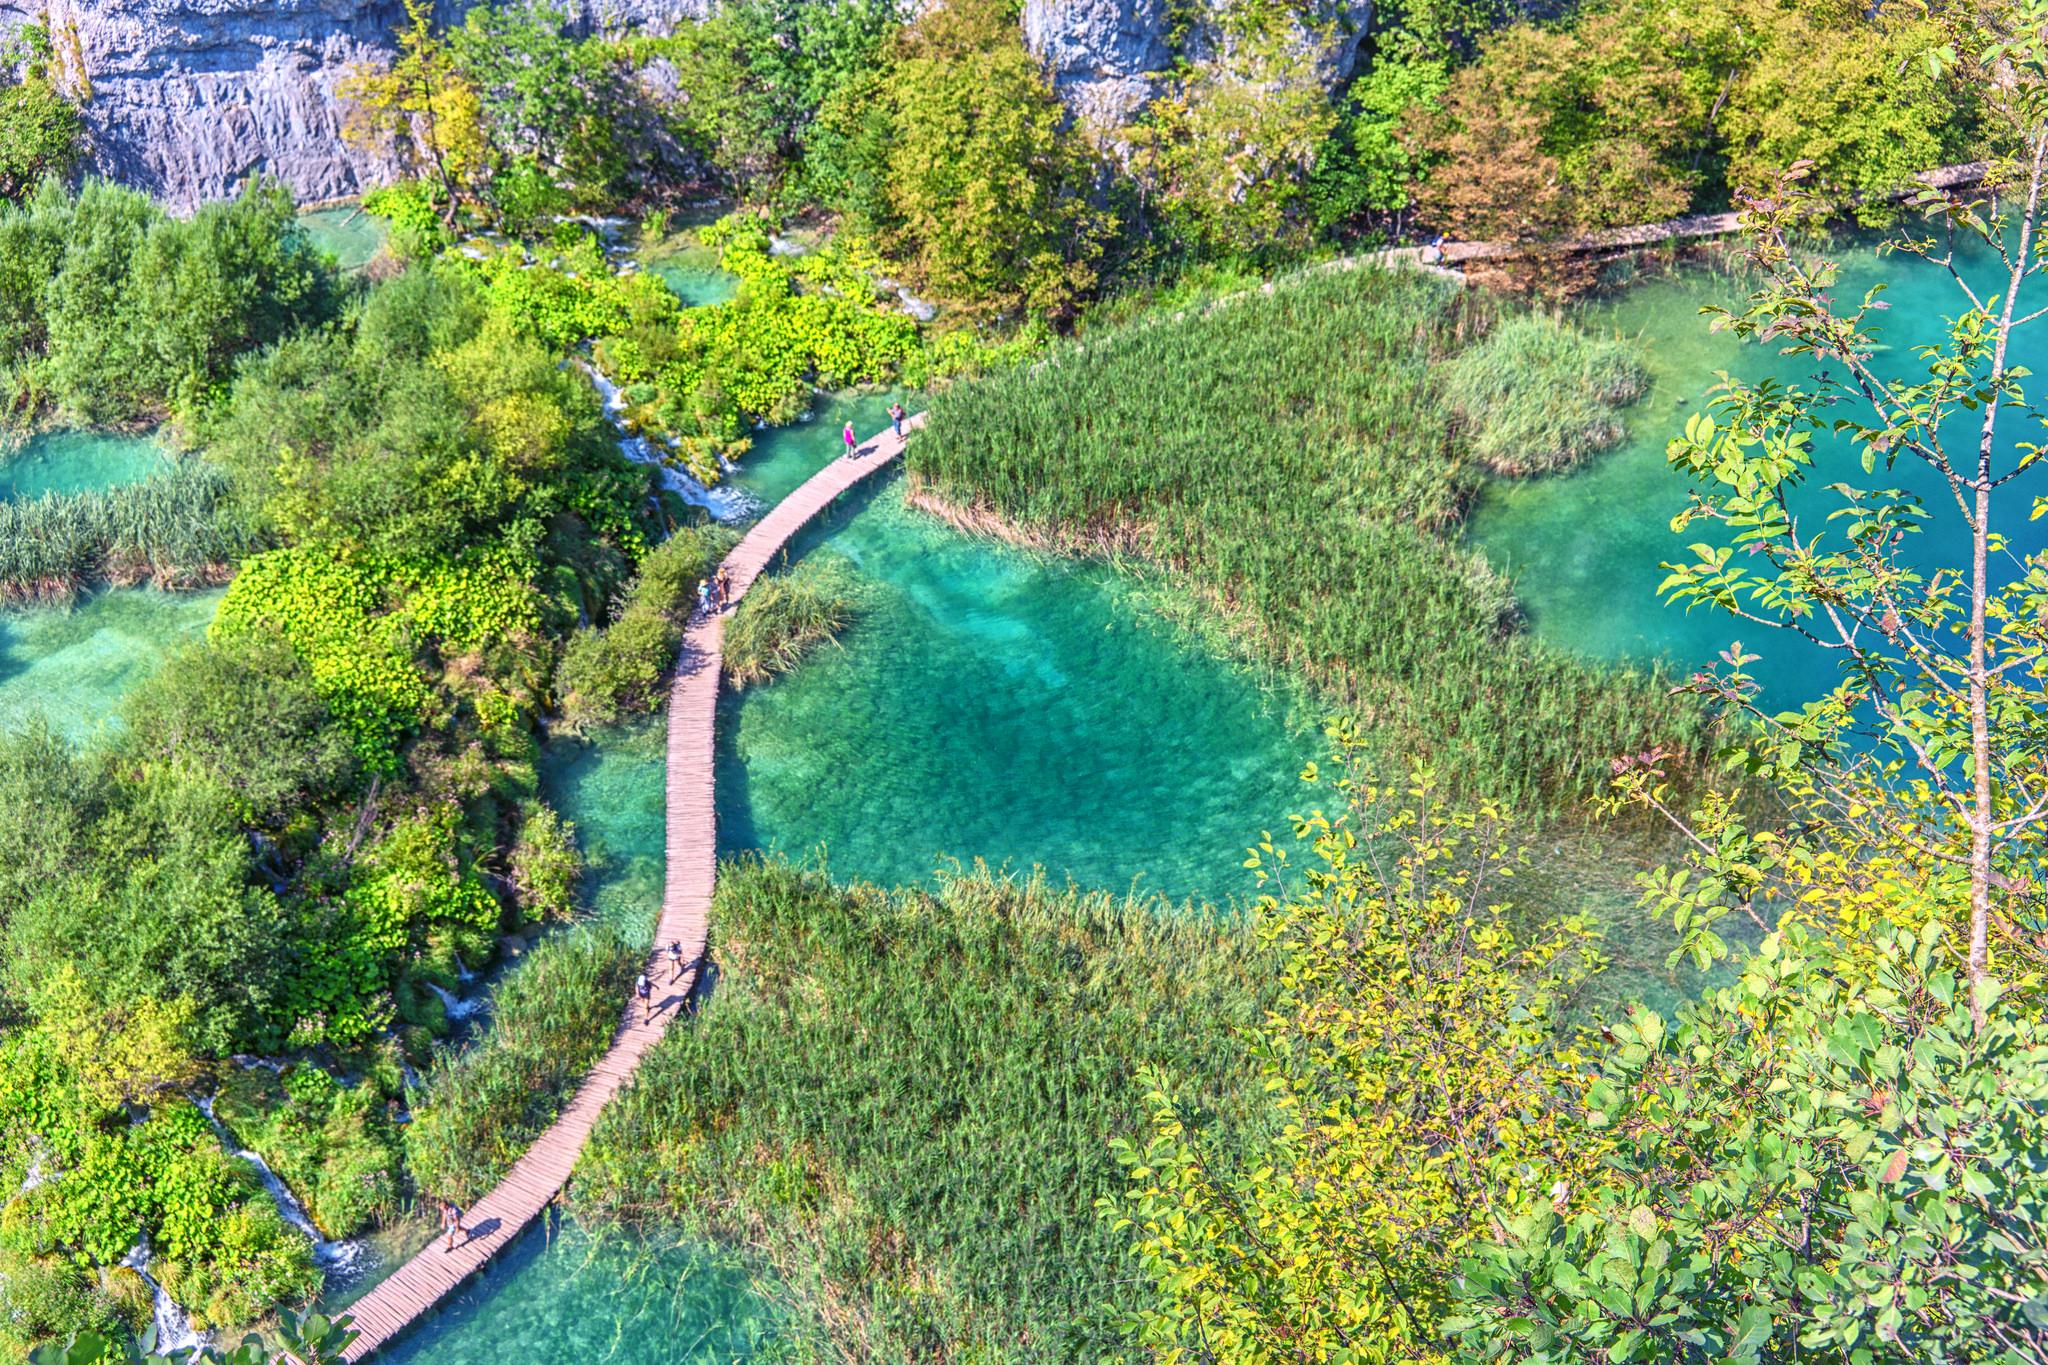 Croazia i laghi di plitvice declassati dall 39 unesco for Disegni di laghi